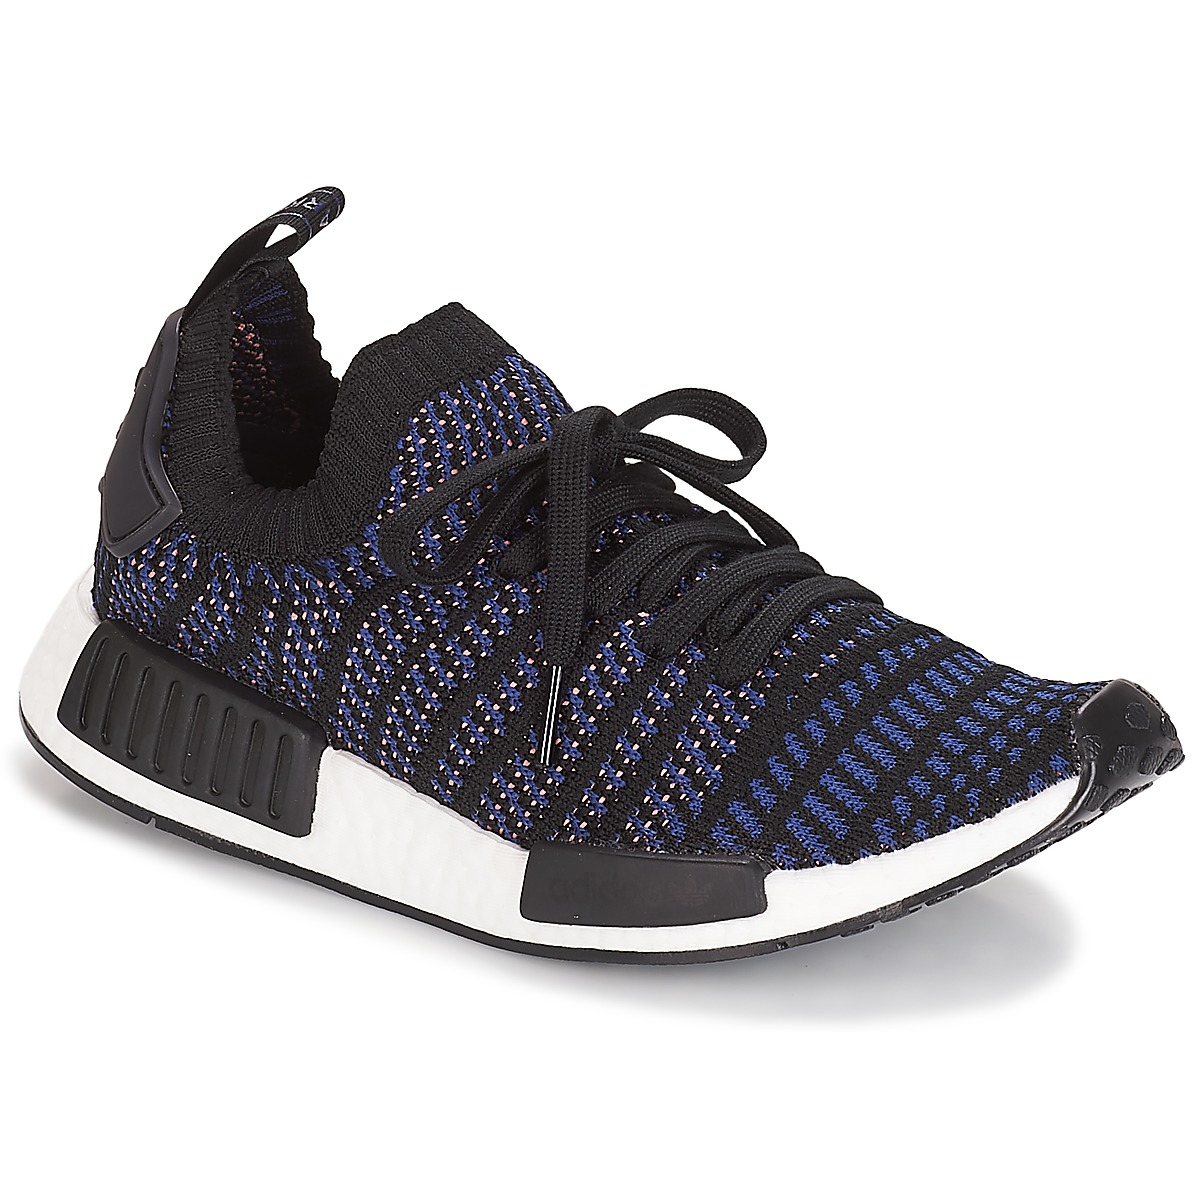 adidas nmd r1 stlt pk price